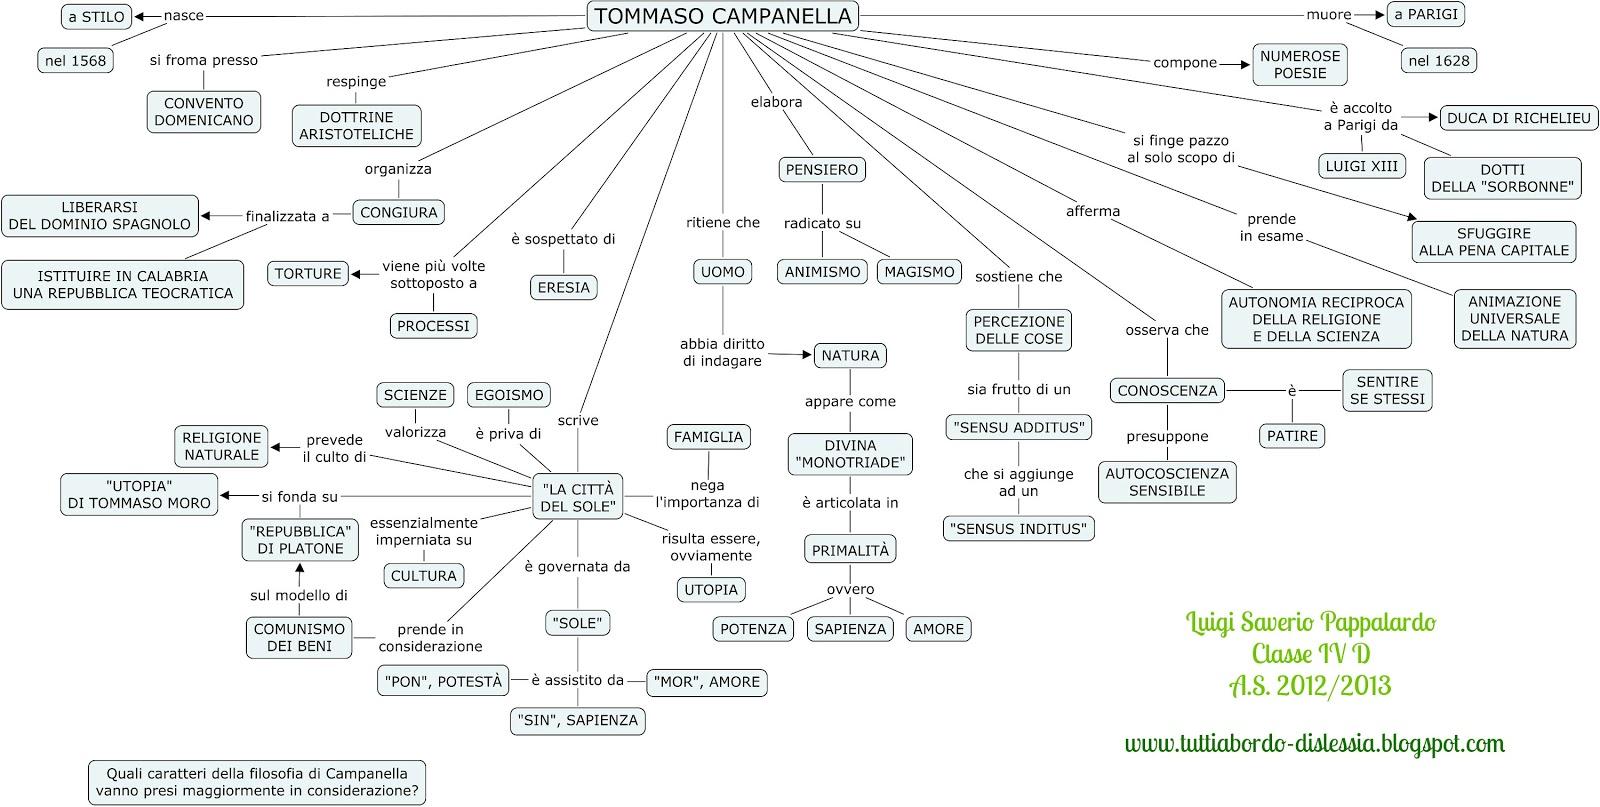 Favoloso Tutti a bordo - dislessia: Tommaso Campanella - mappa concettuale  HY48